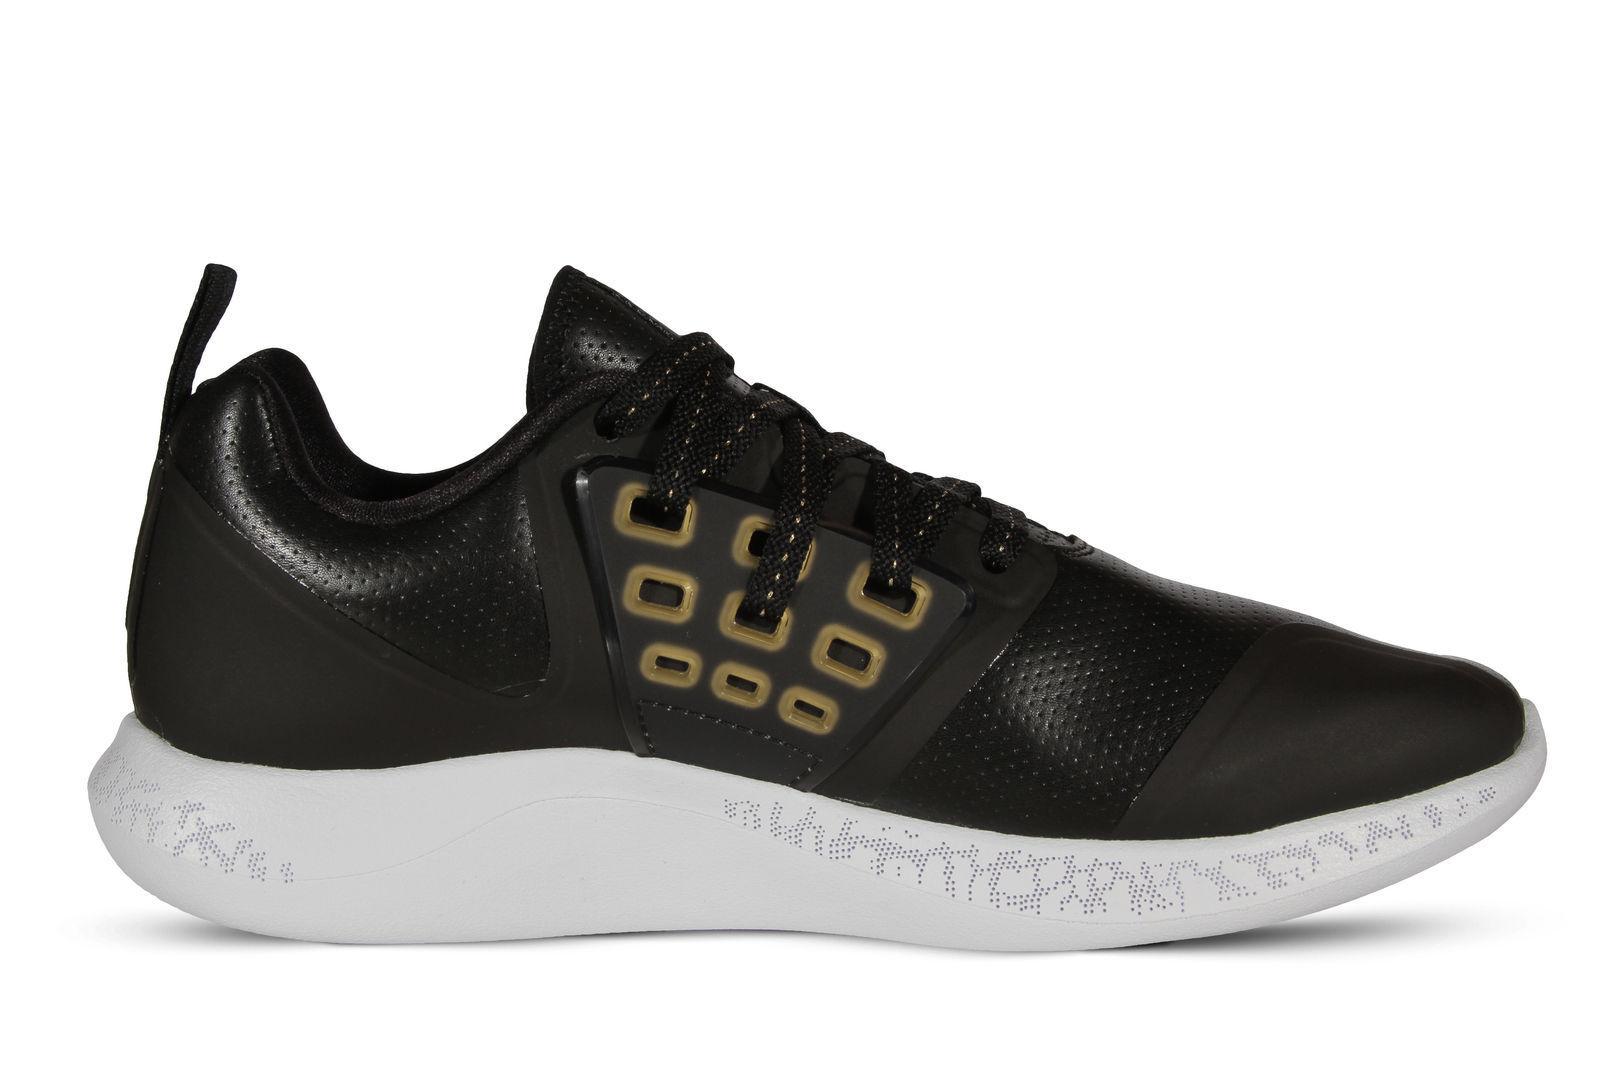 Nike Taglia Jordan Grind Nero/Bianco/Oro Metallico AA4302-031 Taglia Nike 9 UK 152111